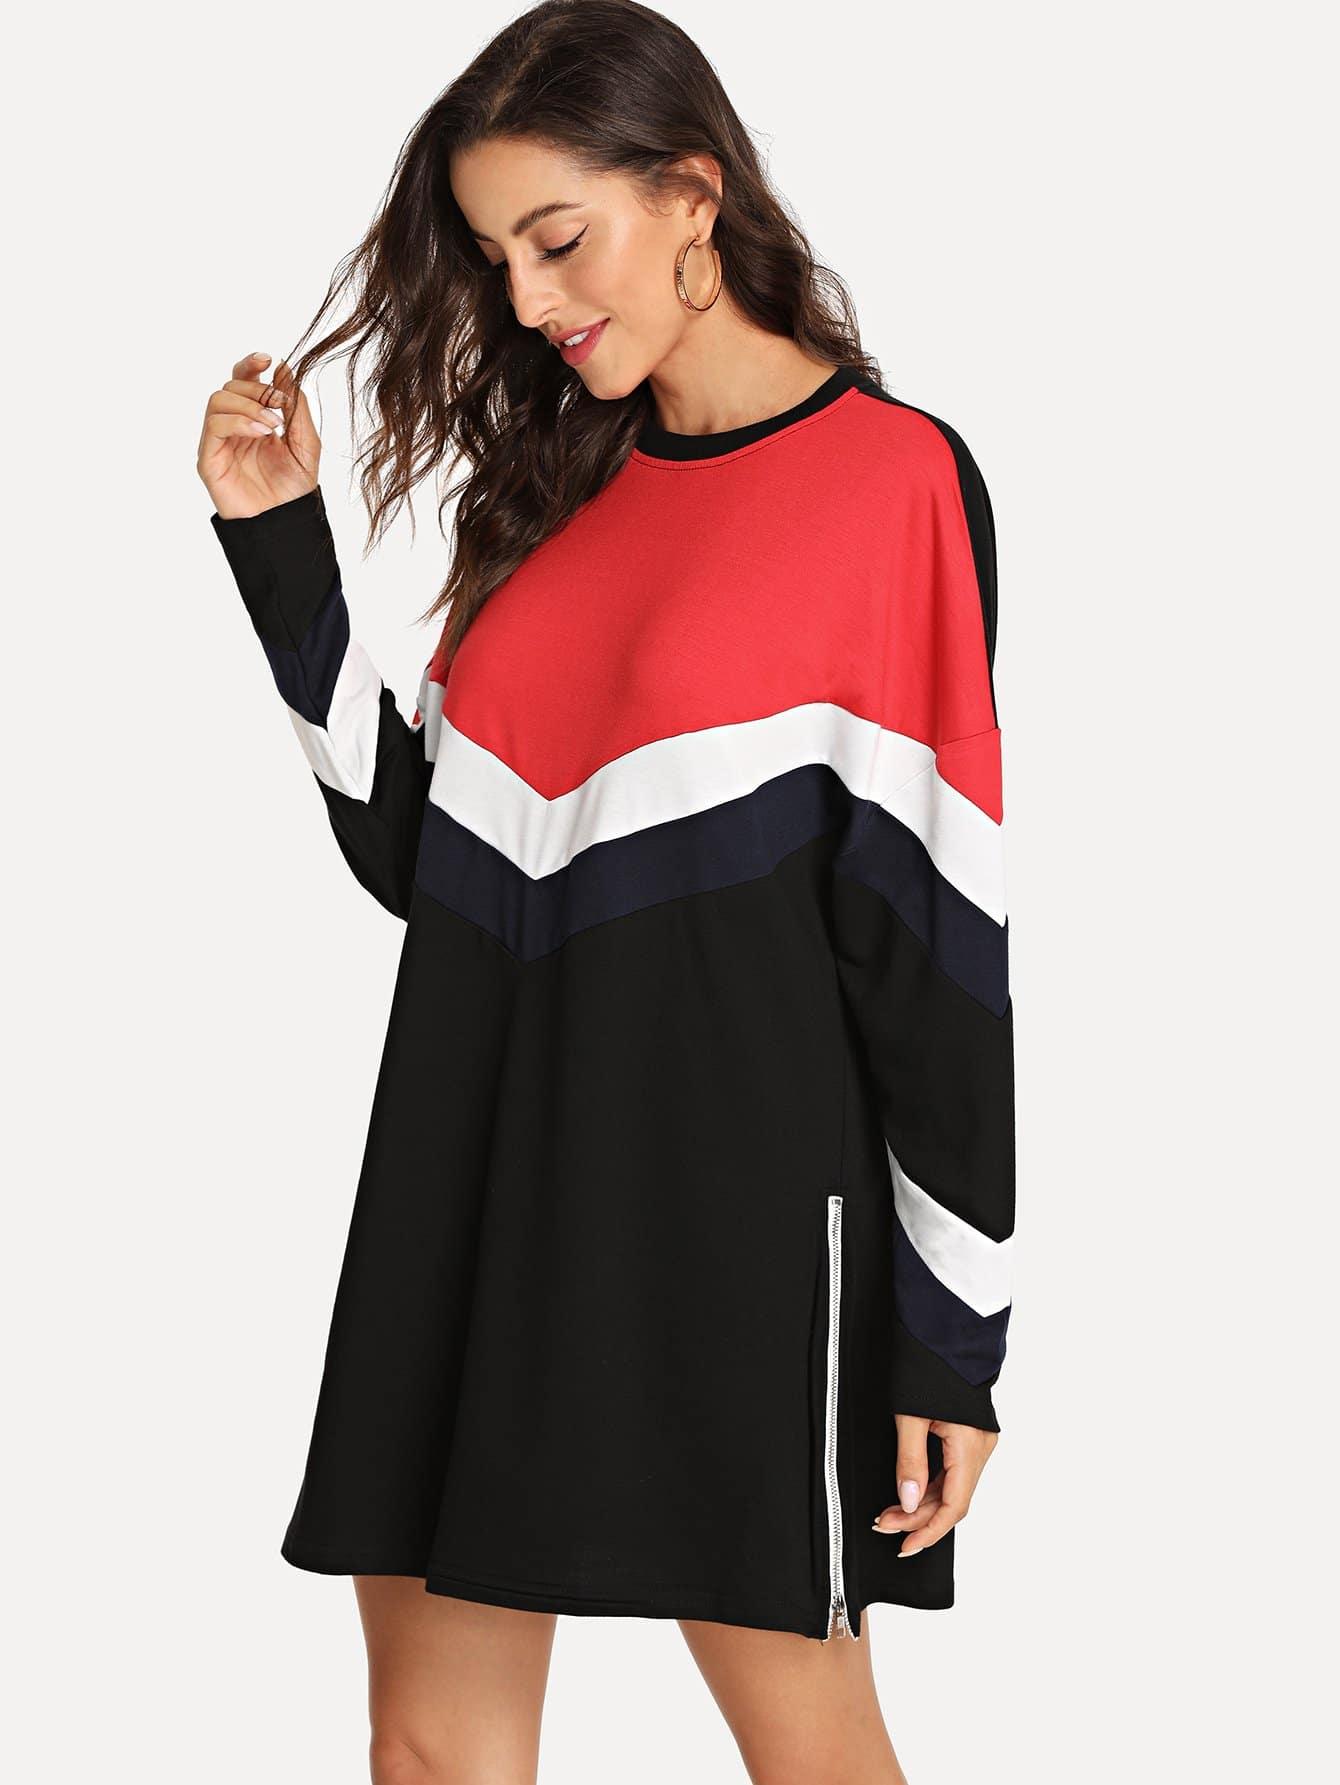 Купить Цветная полосатая туника Пуловер, Mary P., SheIn